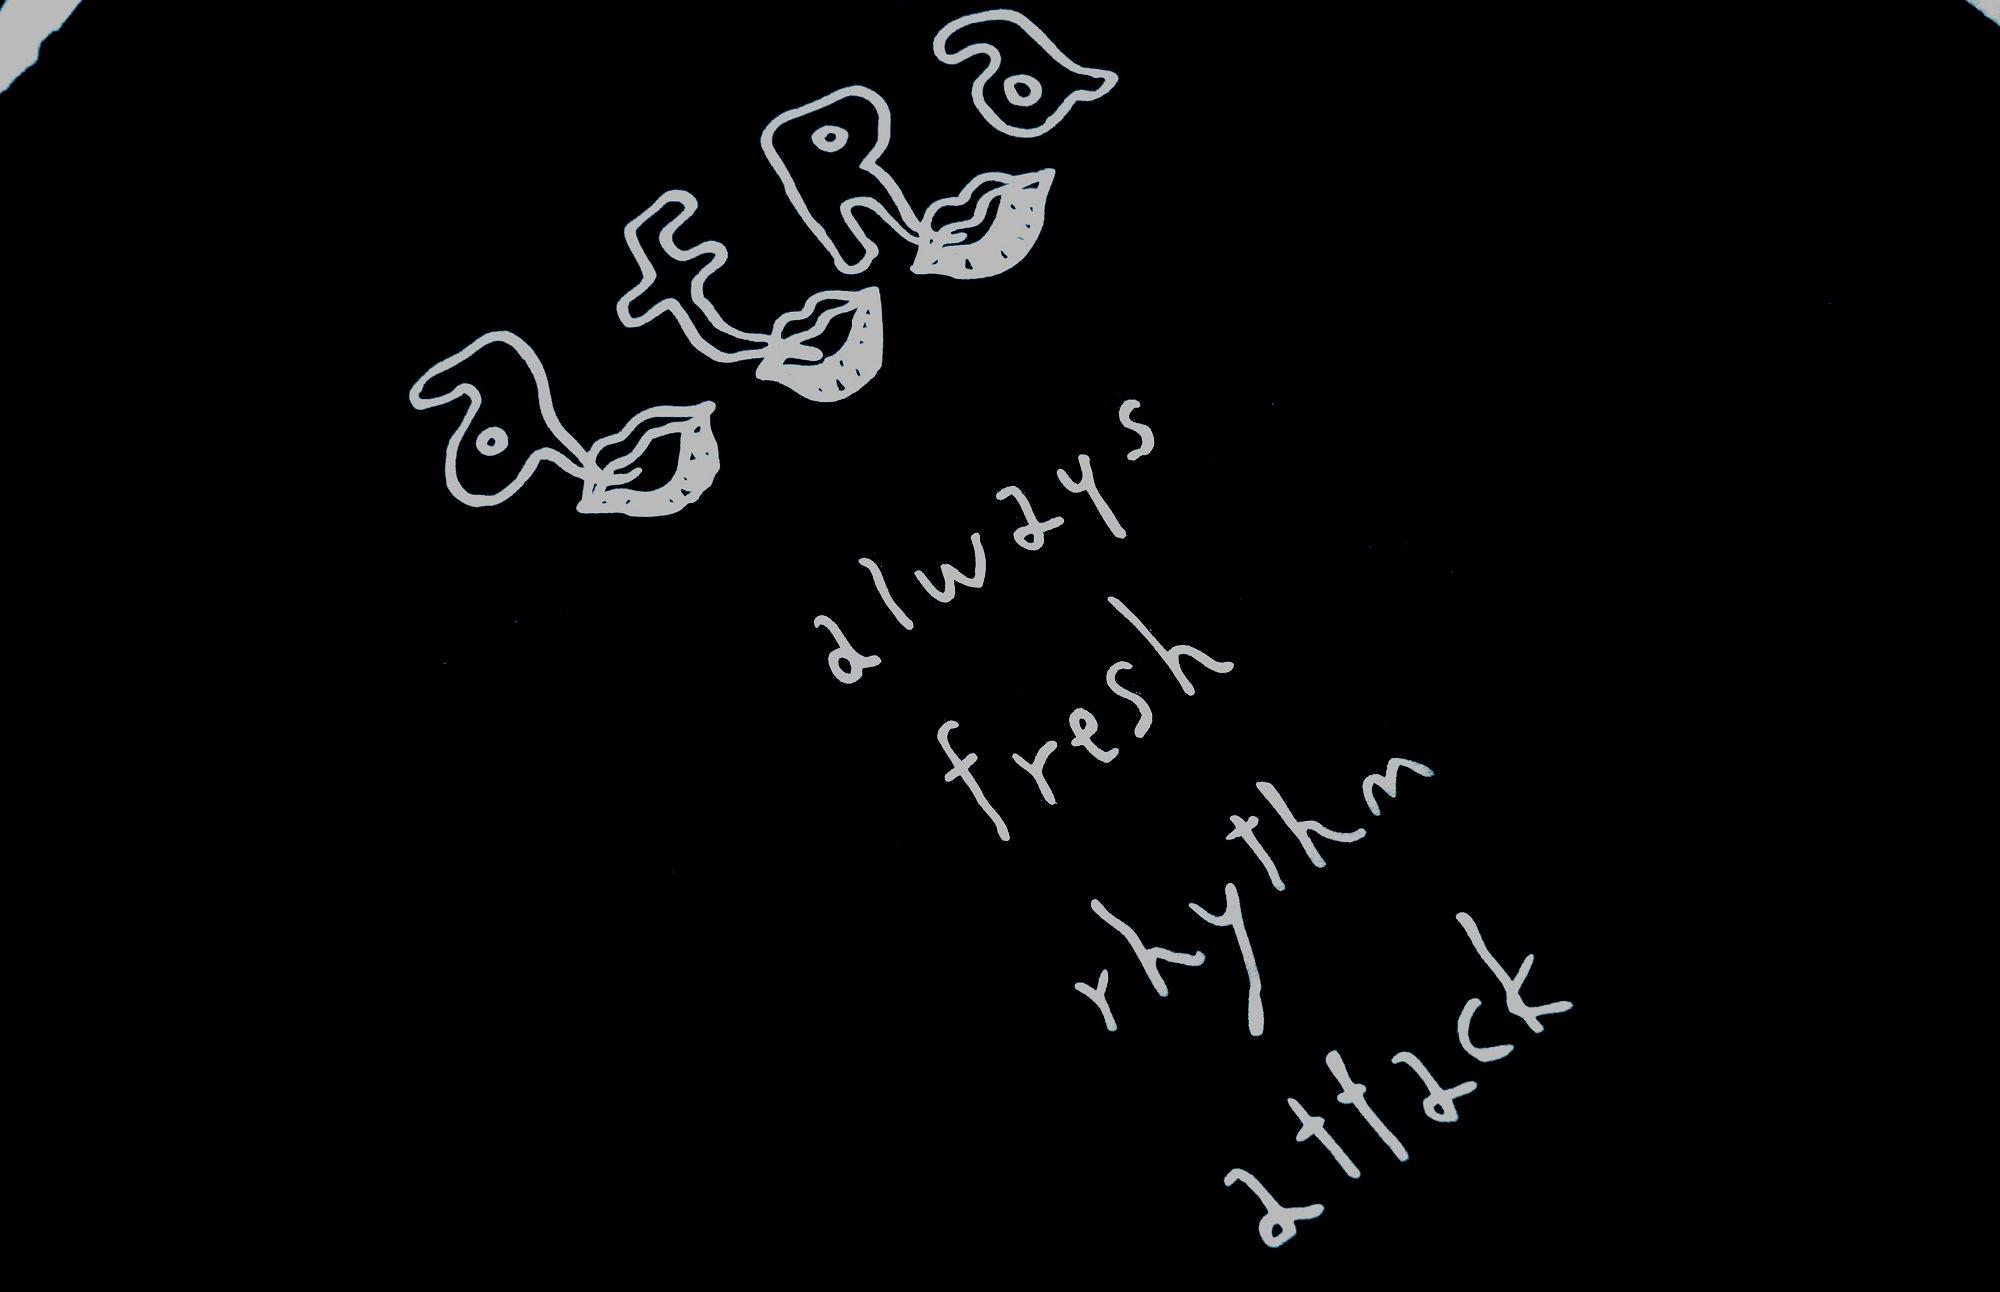 AFRA_AlwaysFresh_7